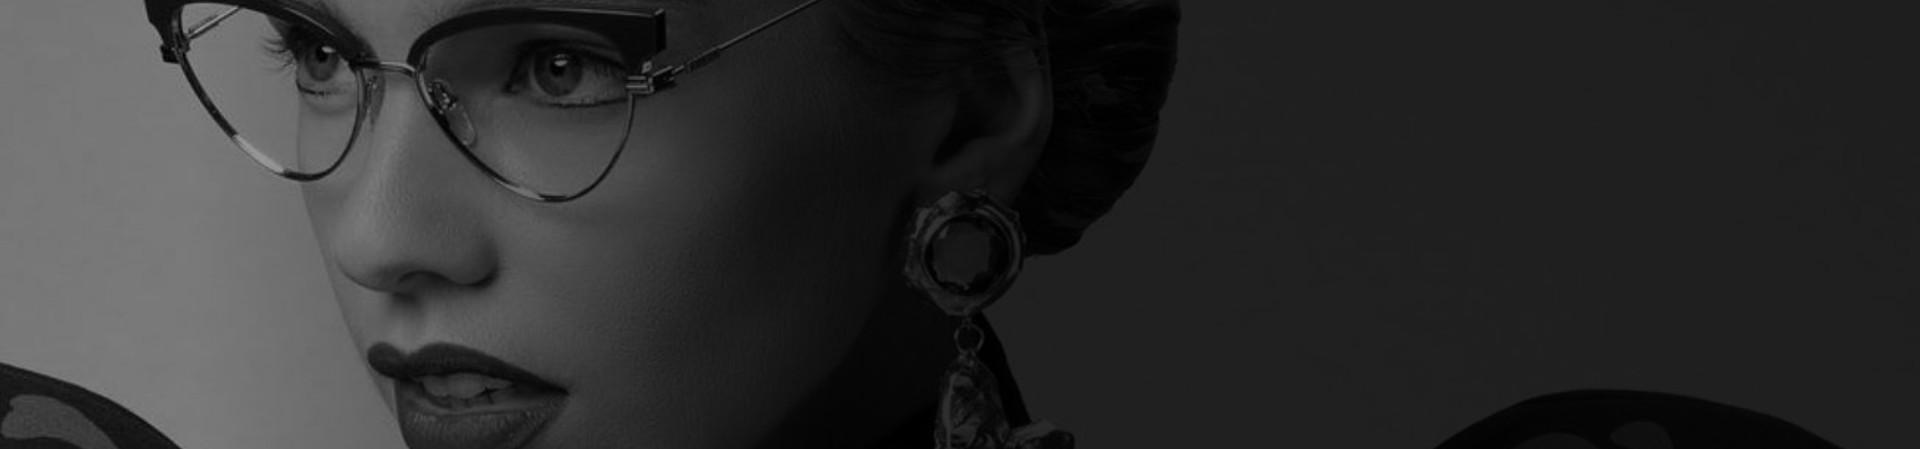 Mulher com cabelo preso e brincos de pedras, usando óculos Love Moschino em metal, no formato gatinho